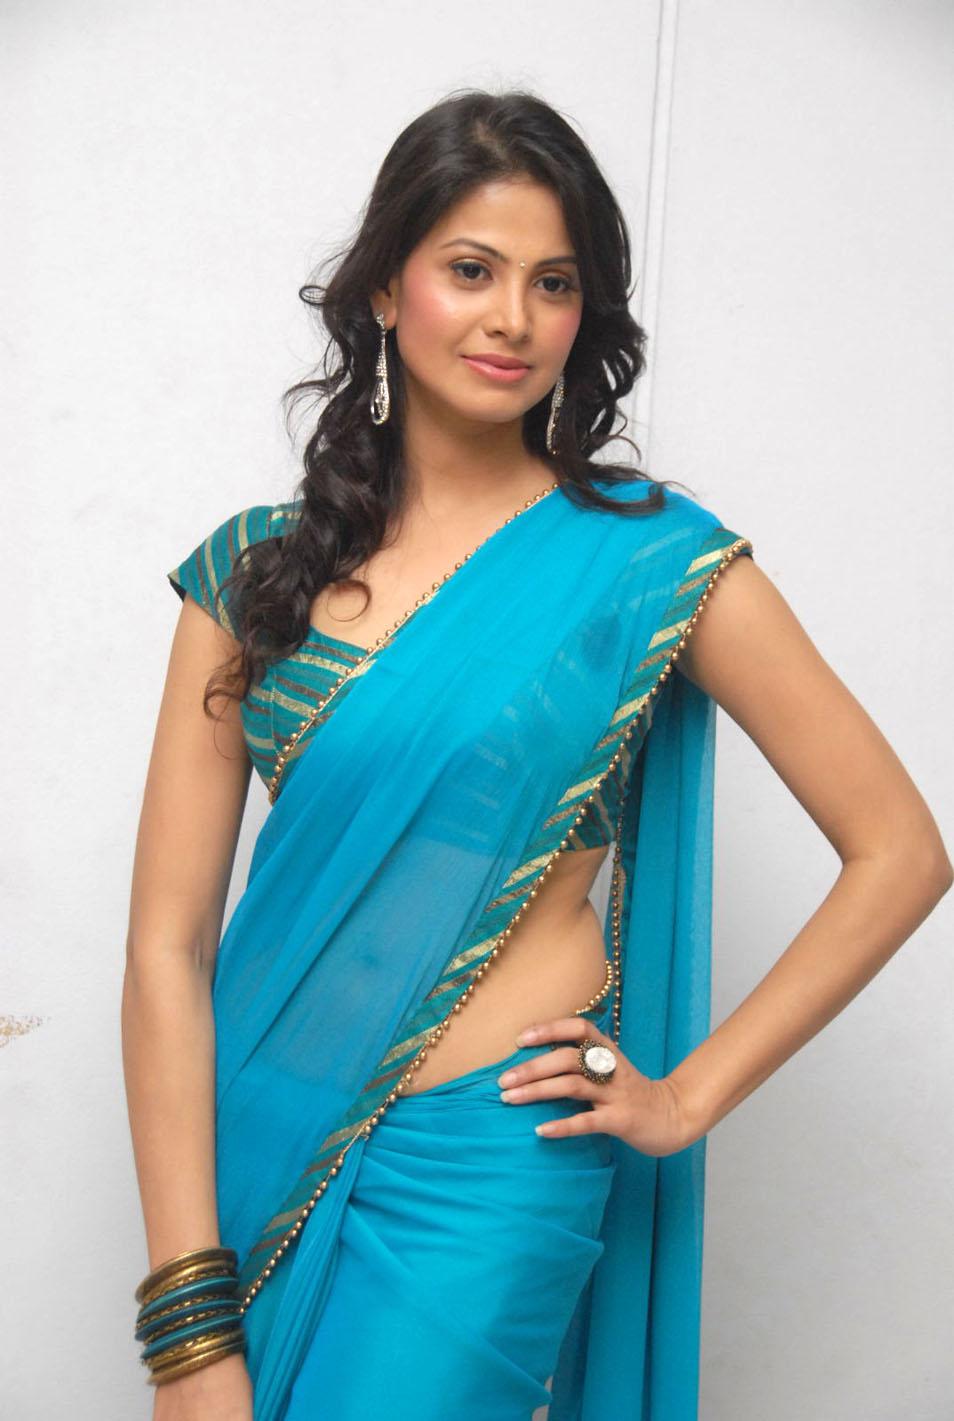 Tanisha singh navel - 2 part 6